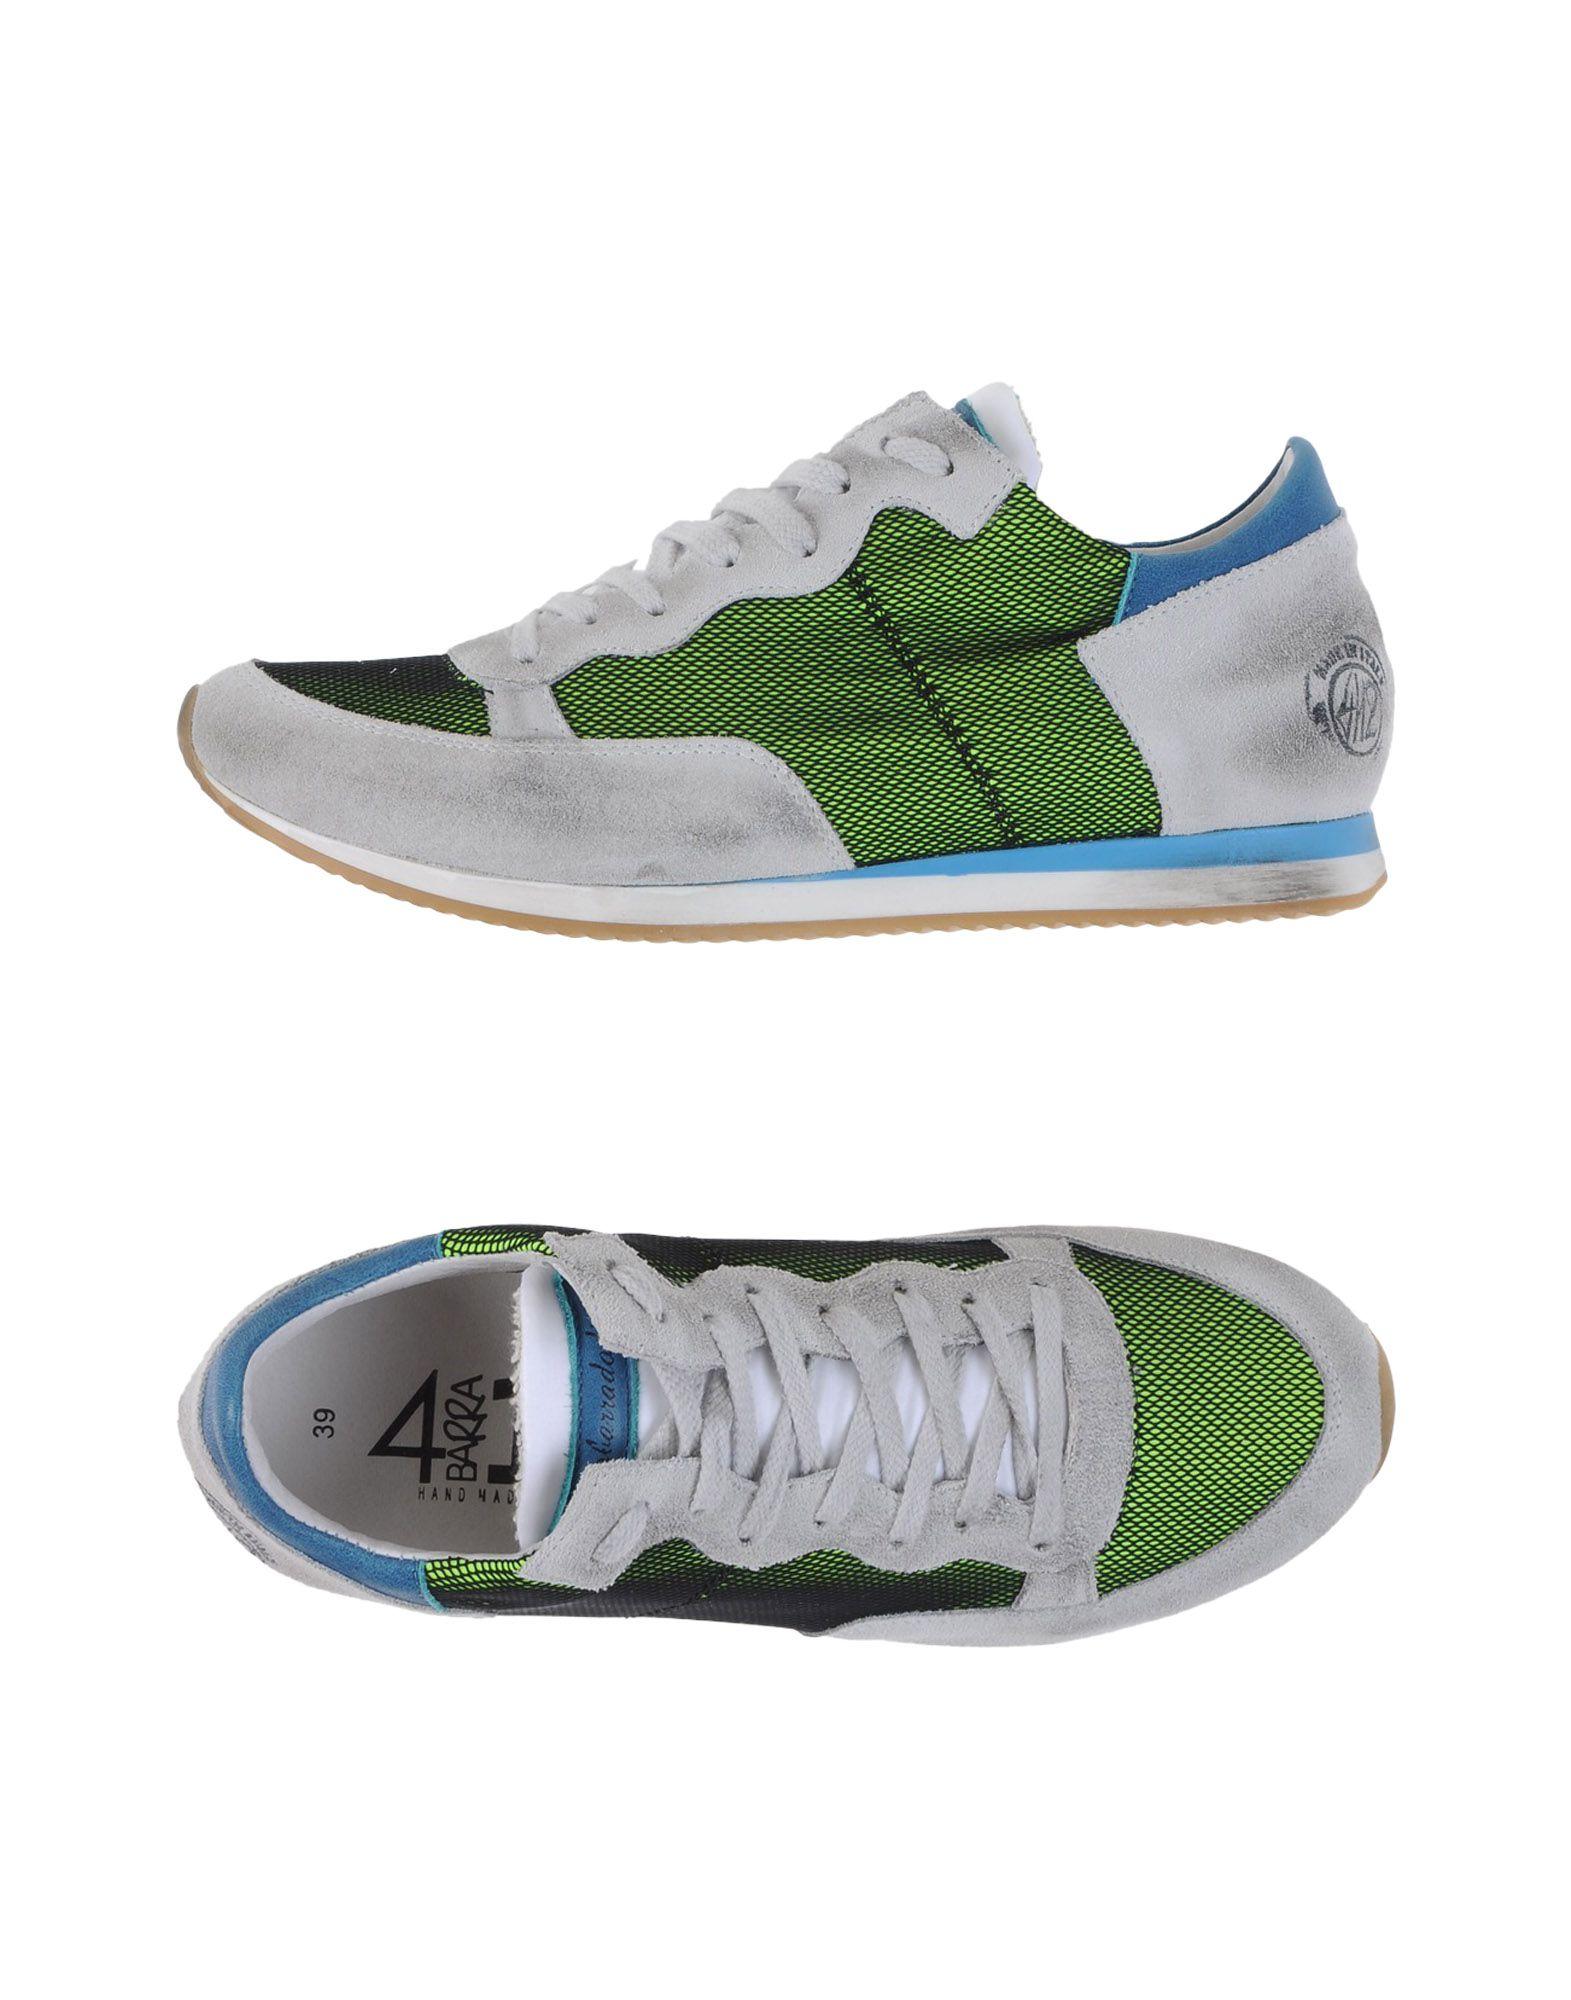 Quattrobarradodici Sneakers Damen  11067158VX 11067158VX 11067158VX Gute Qualität beliebte Schuhe 8bb75d